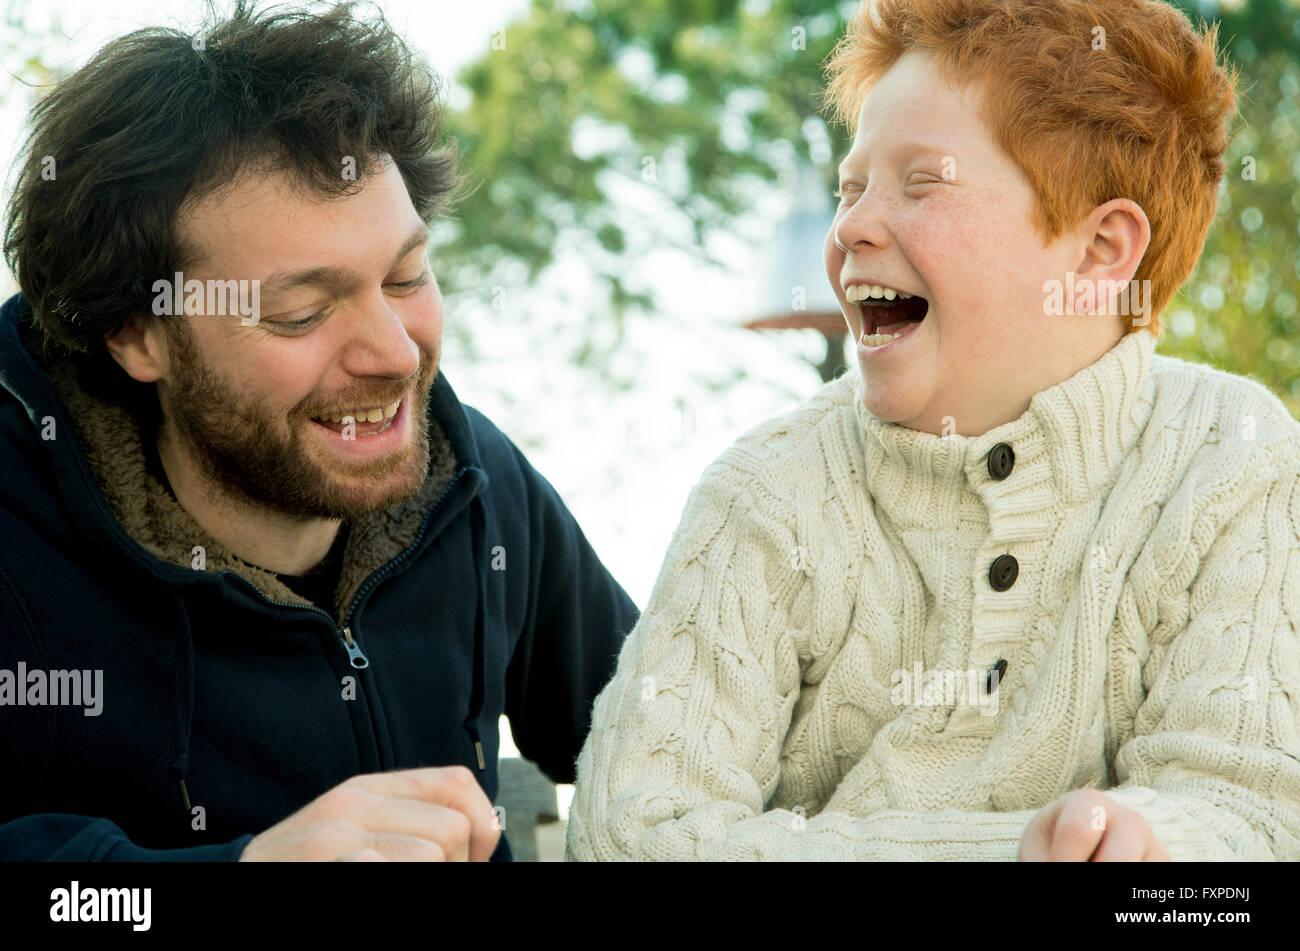 Padre e figlio ridere insieme all'aperto Immagini Stock